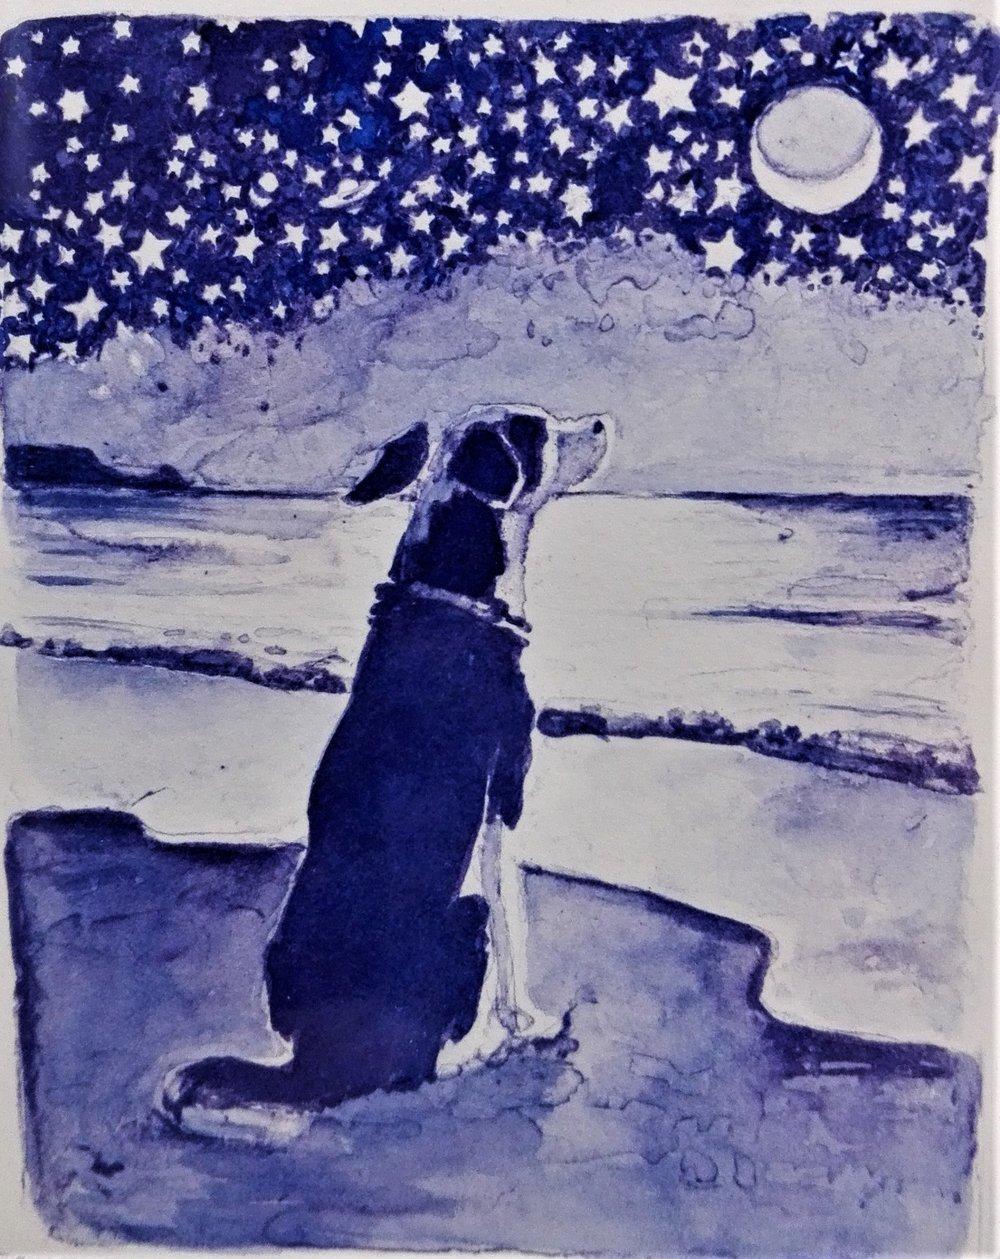 Moonlit Dog - SOLD